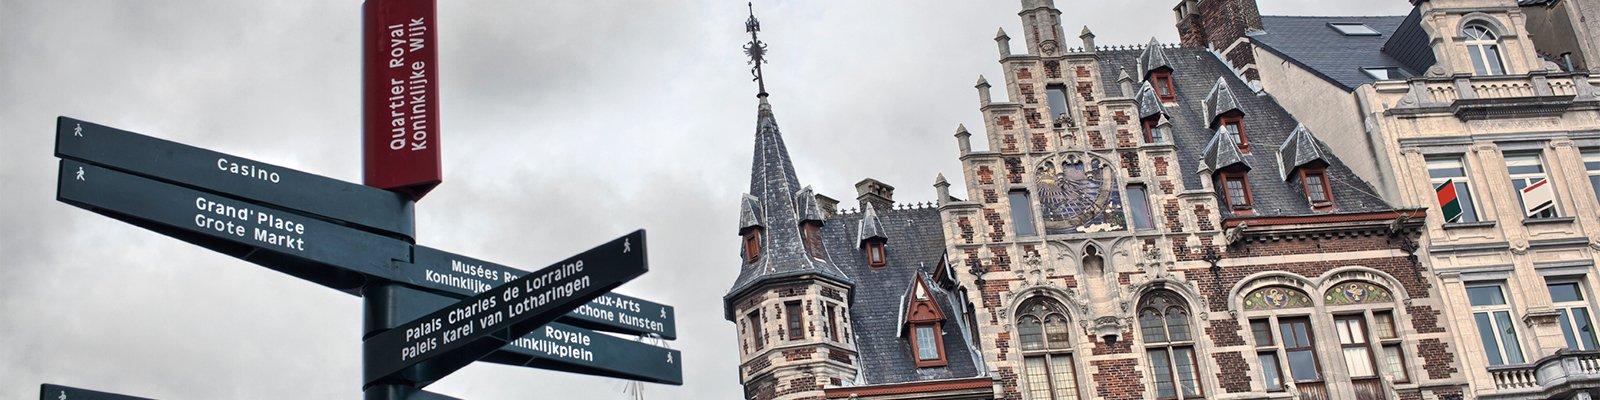 Tweetalige wegwijzer in het centrum van Brussel © iStockphoto.com/artJazz